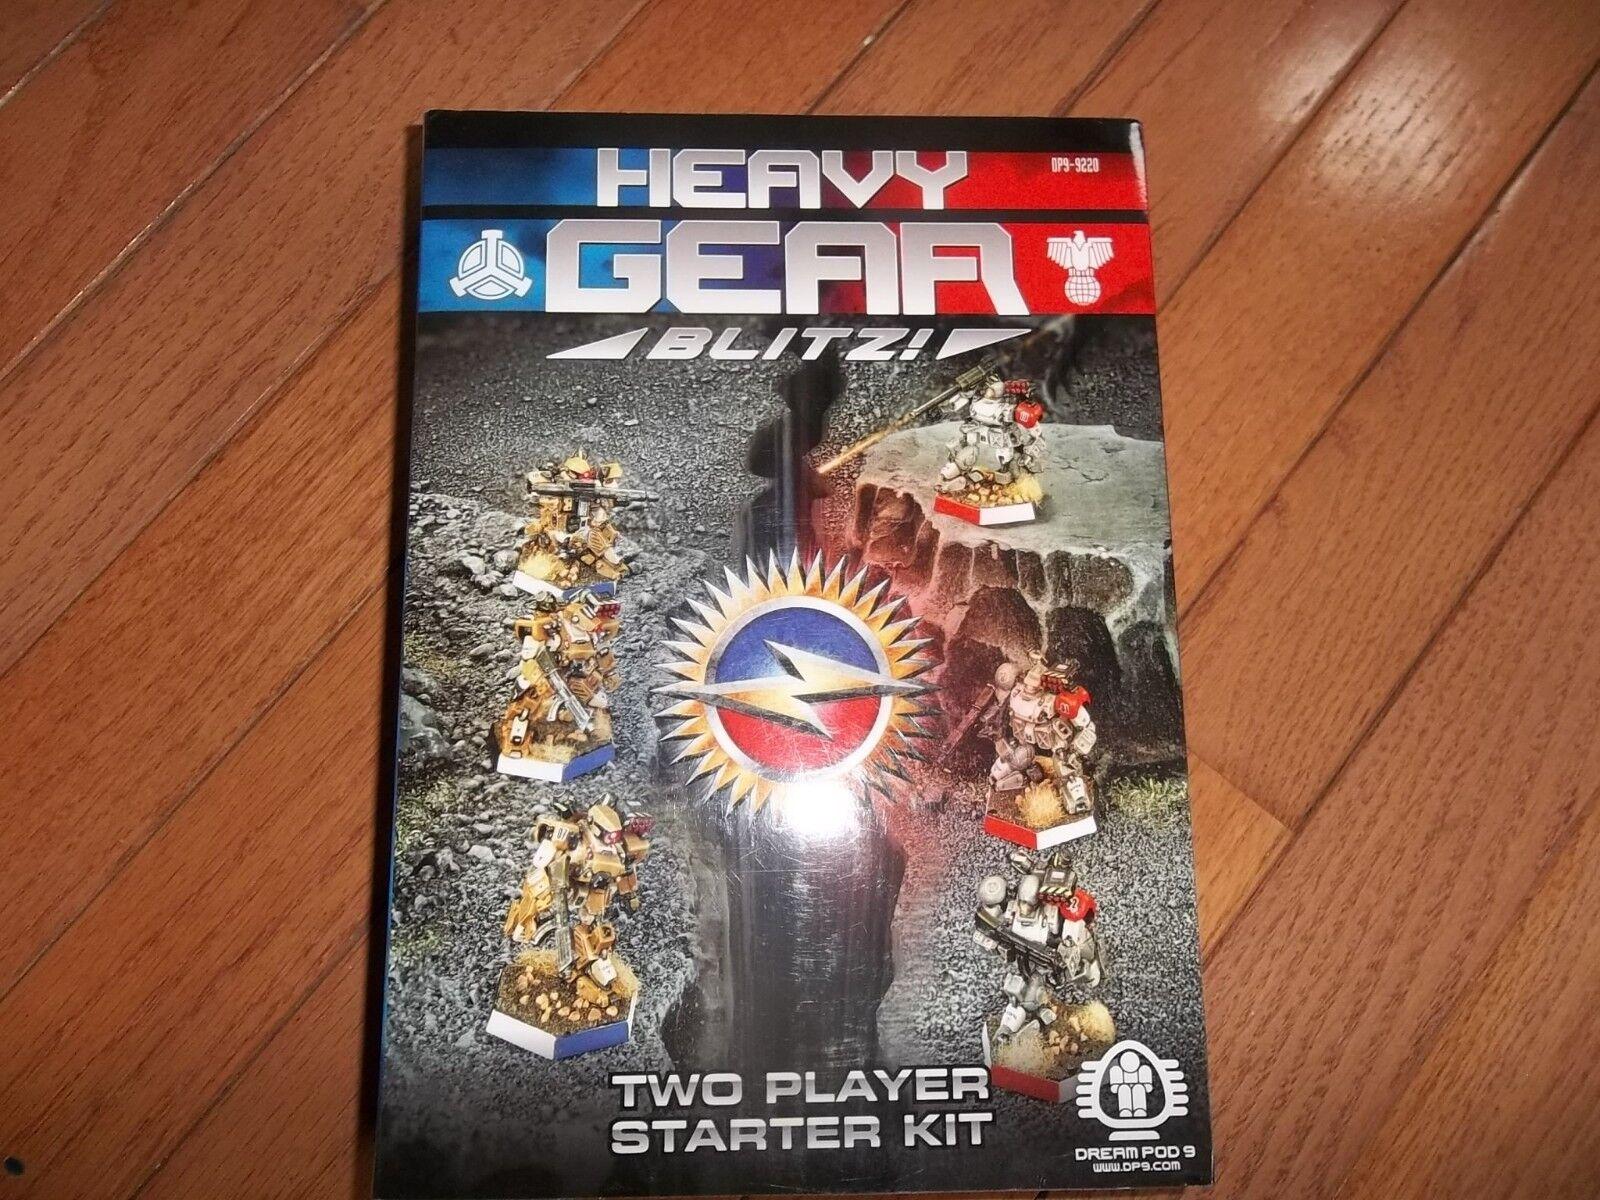 Dream Pod 9 DP9 Heavy Gear Blitz Two Player Starter Kit